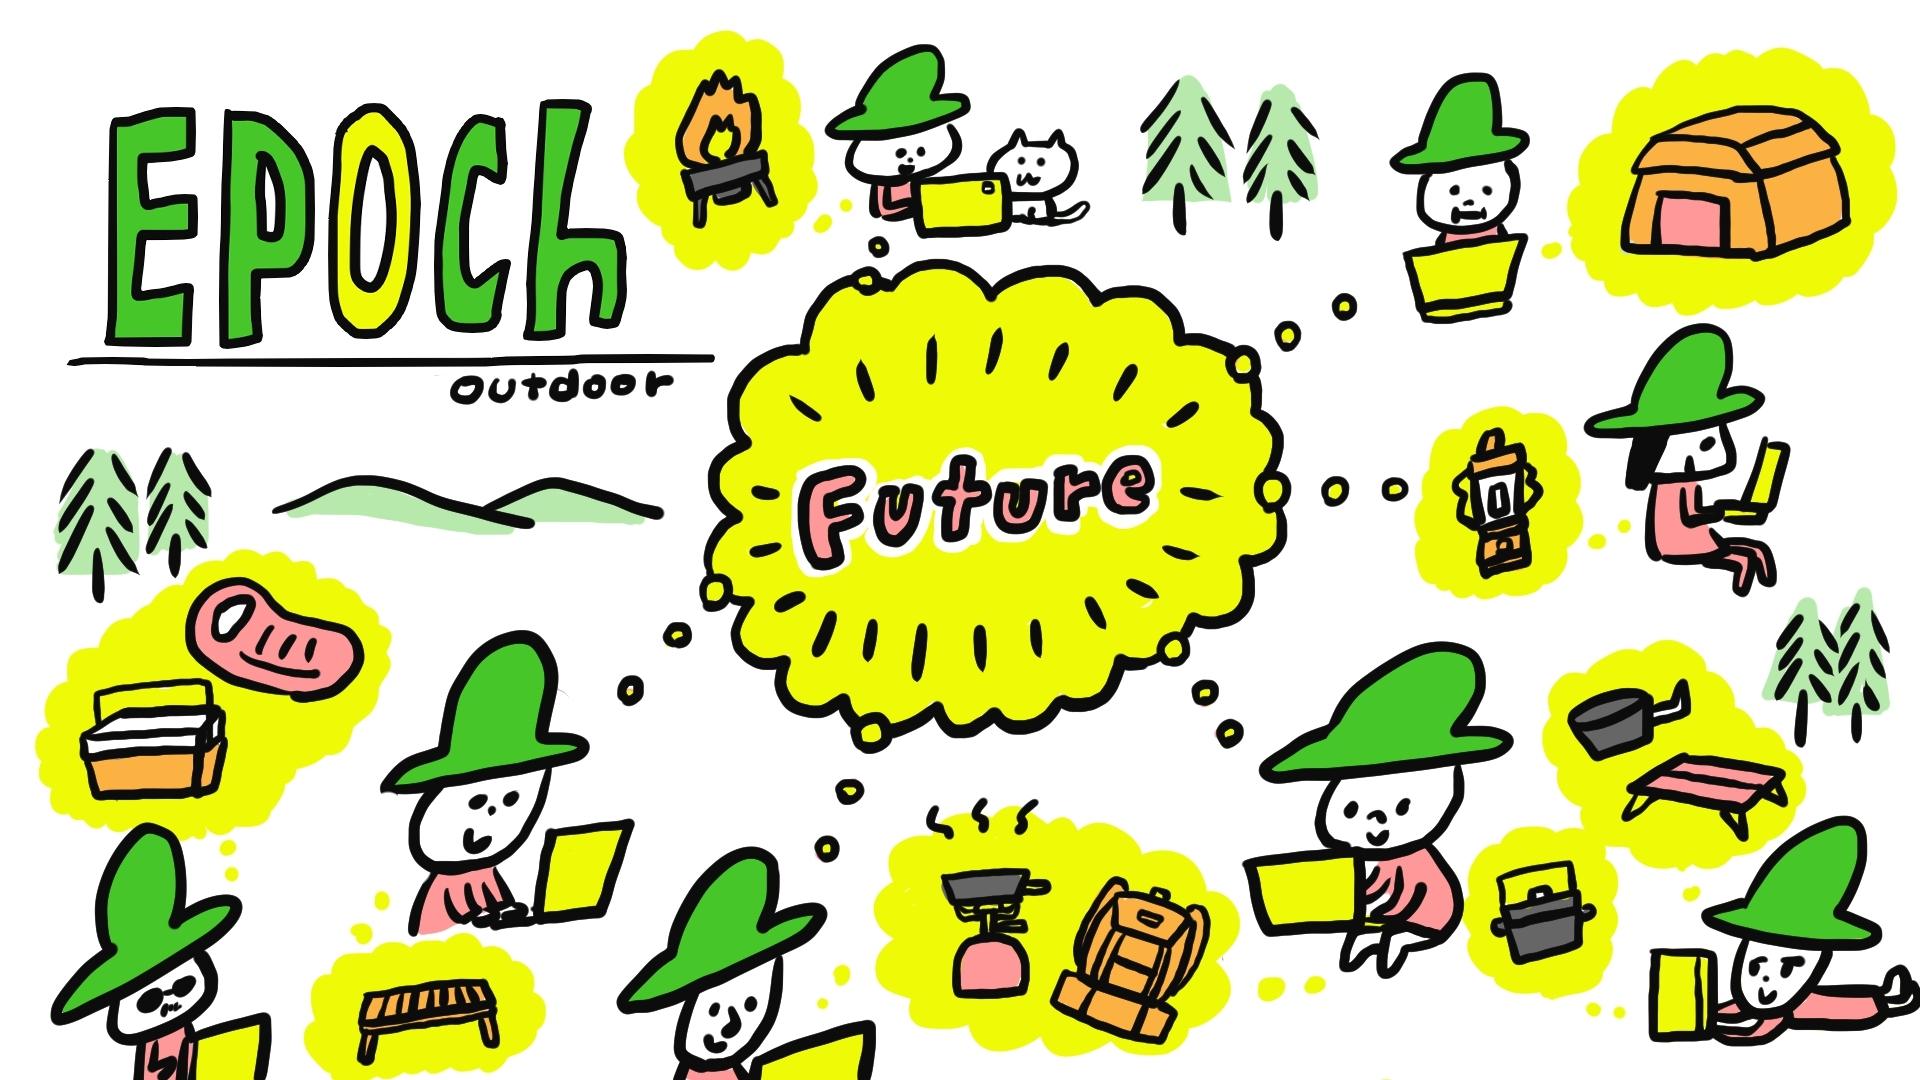 NANGAさんと一緒にギア作りができる?キャンプオンラインコミュニティ「epoch outdoor」が始まるよ!